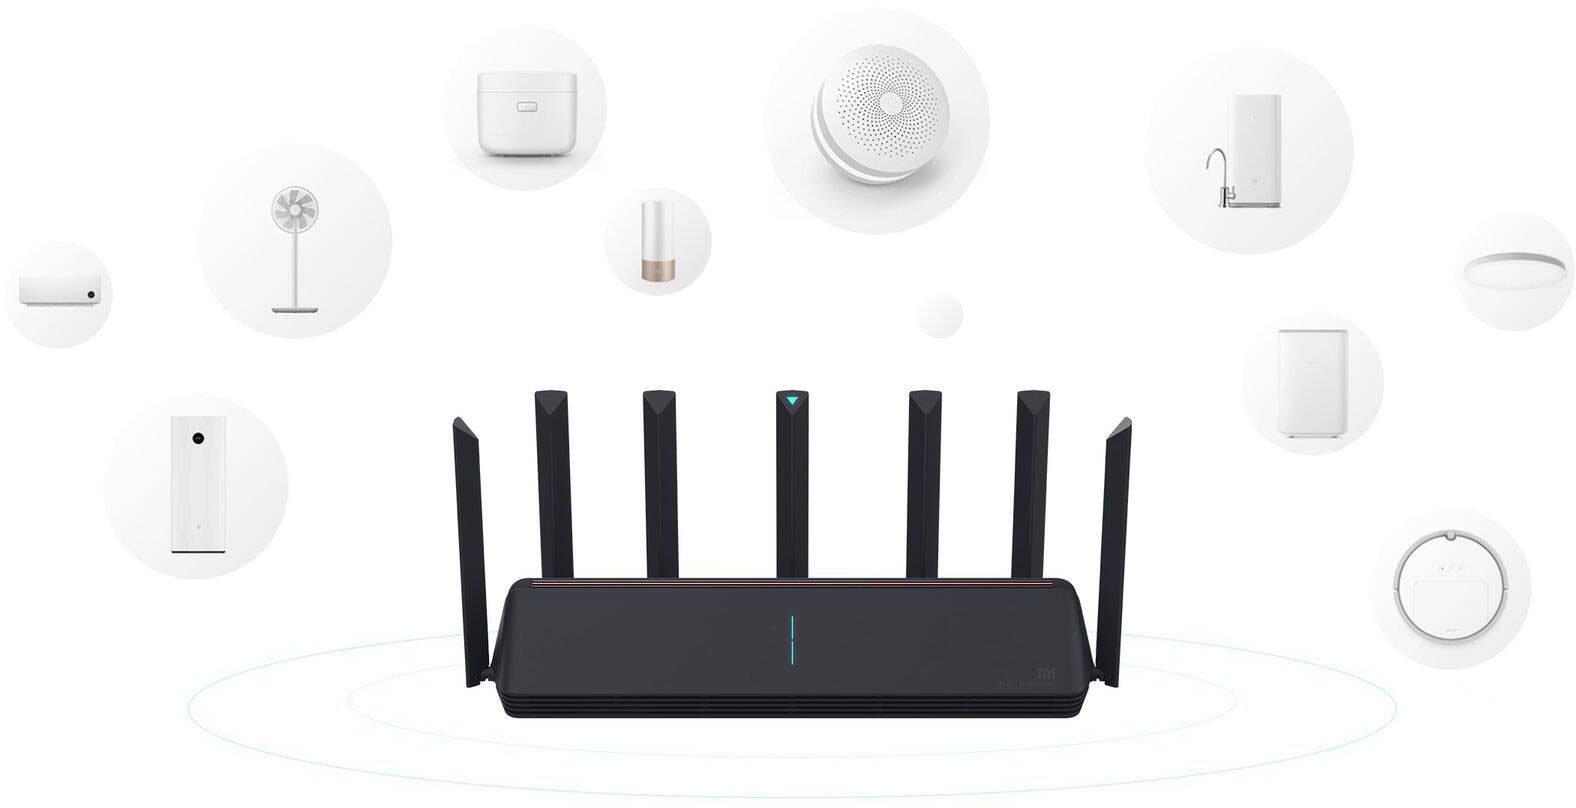 Xiaomi Mi AIoT Router AX3600 - Obsługa wielu urządzeń